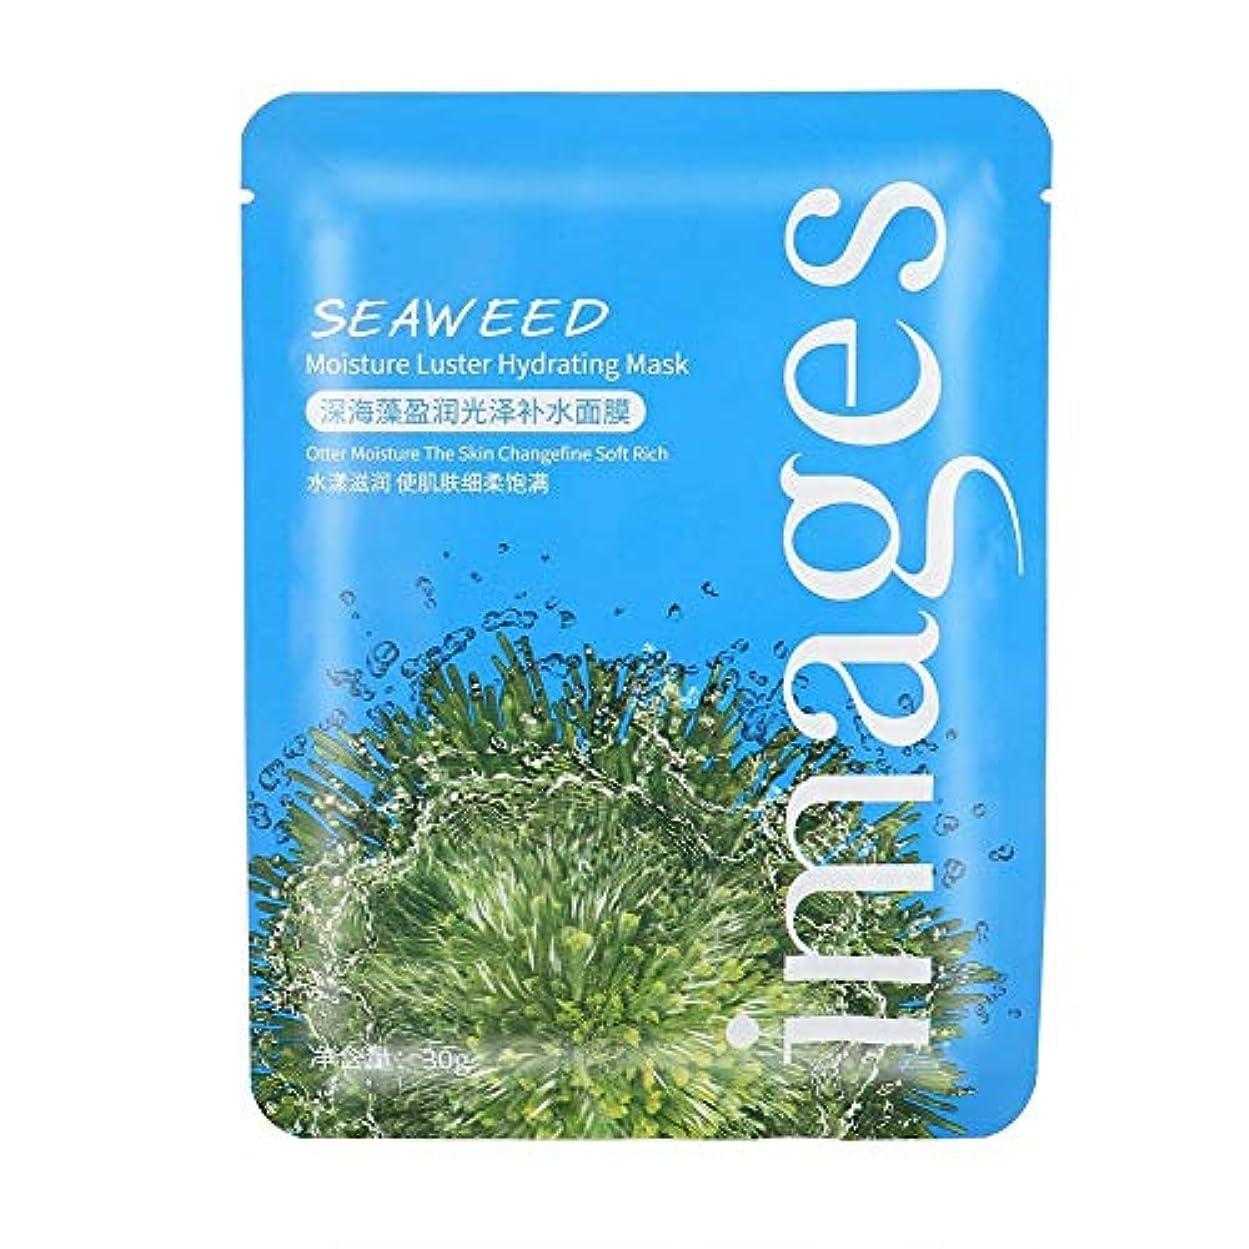 複雑なテント繰り返すSemme天然海藻エキスフェイスマスク、20 /個明るく保湿引き締め海藻エッセンスフルフェイスフェイシャルマスクシートスキンケア(豊かな輝き)